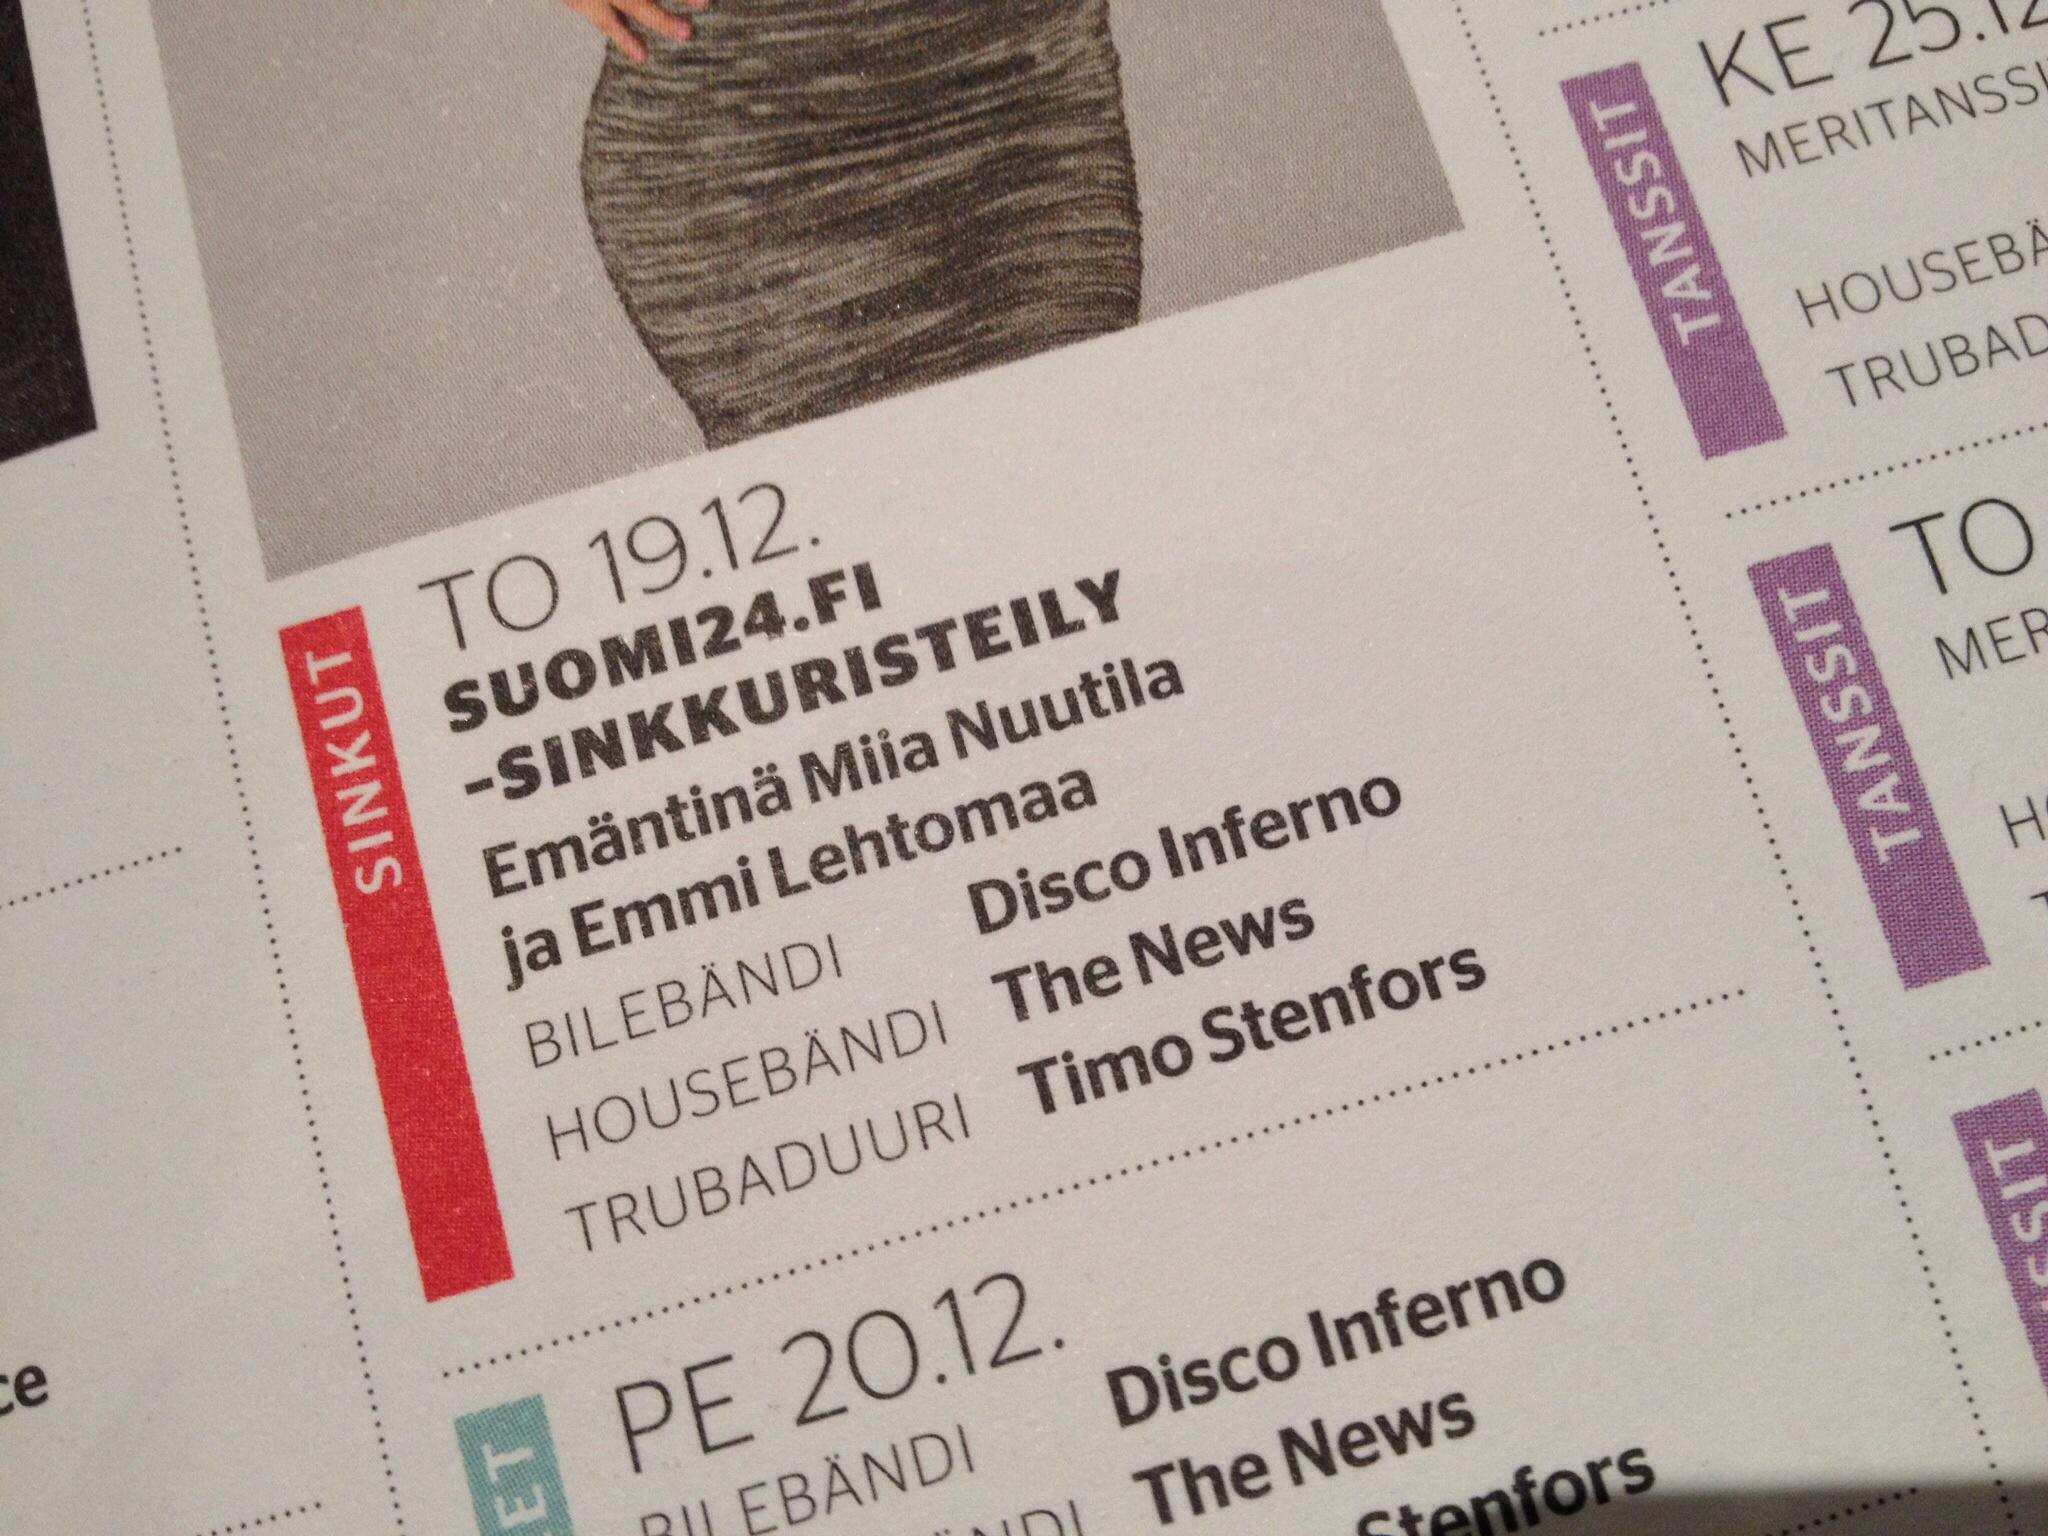 suomi24 sinkkuristeily 50 nainen